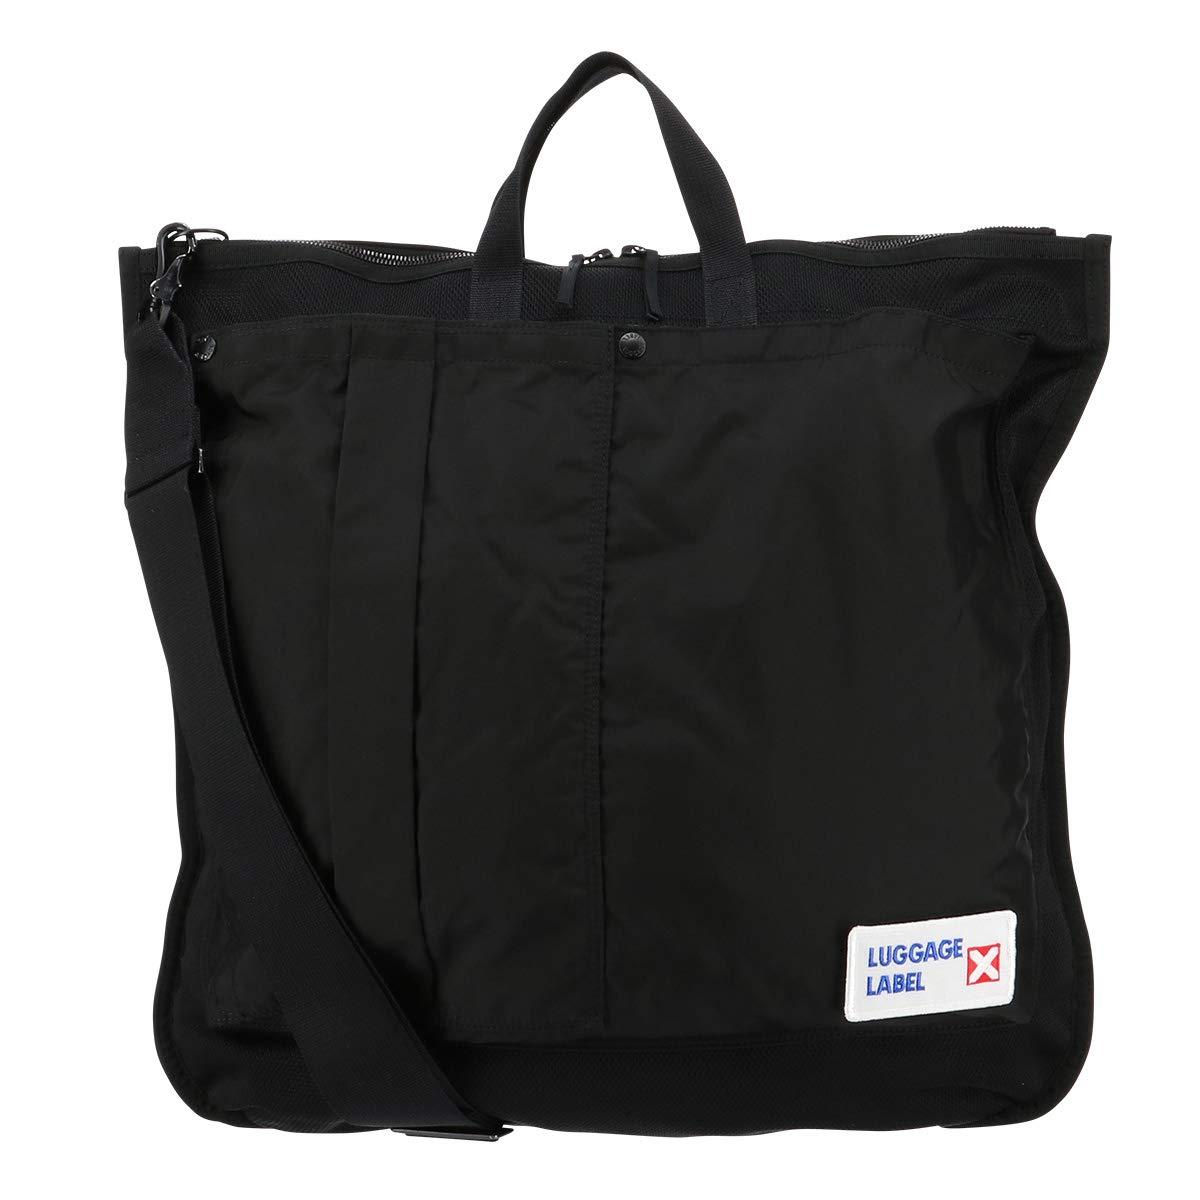 [ラゲッジレーベル] トートバッグ カーゴ メンズ 967-05721 B07GXFYP6Z 【10】ブラック